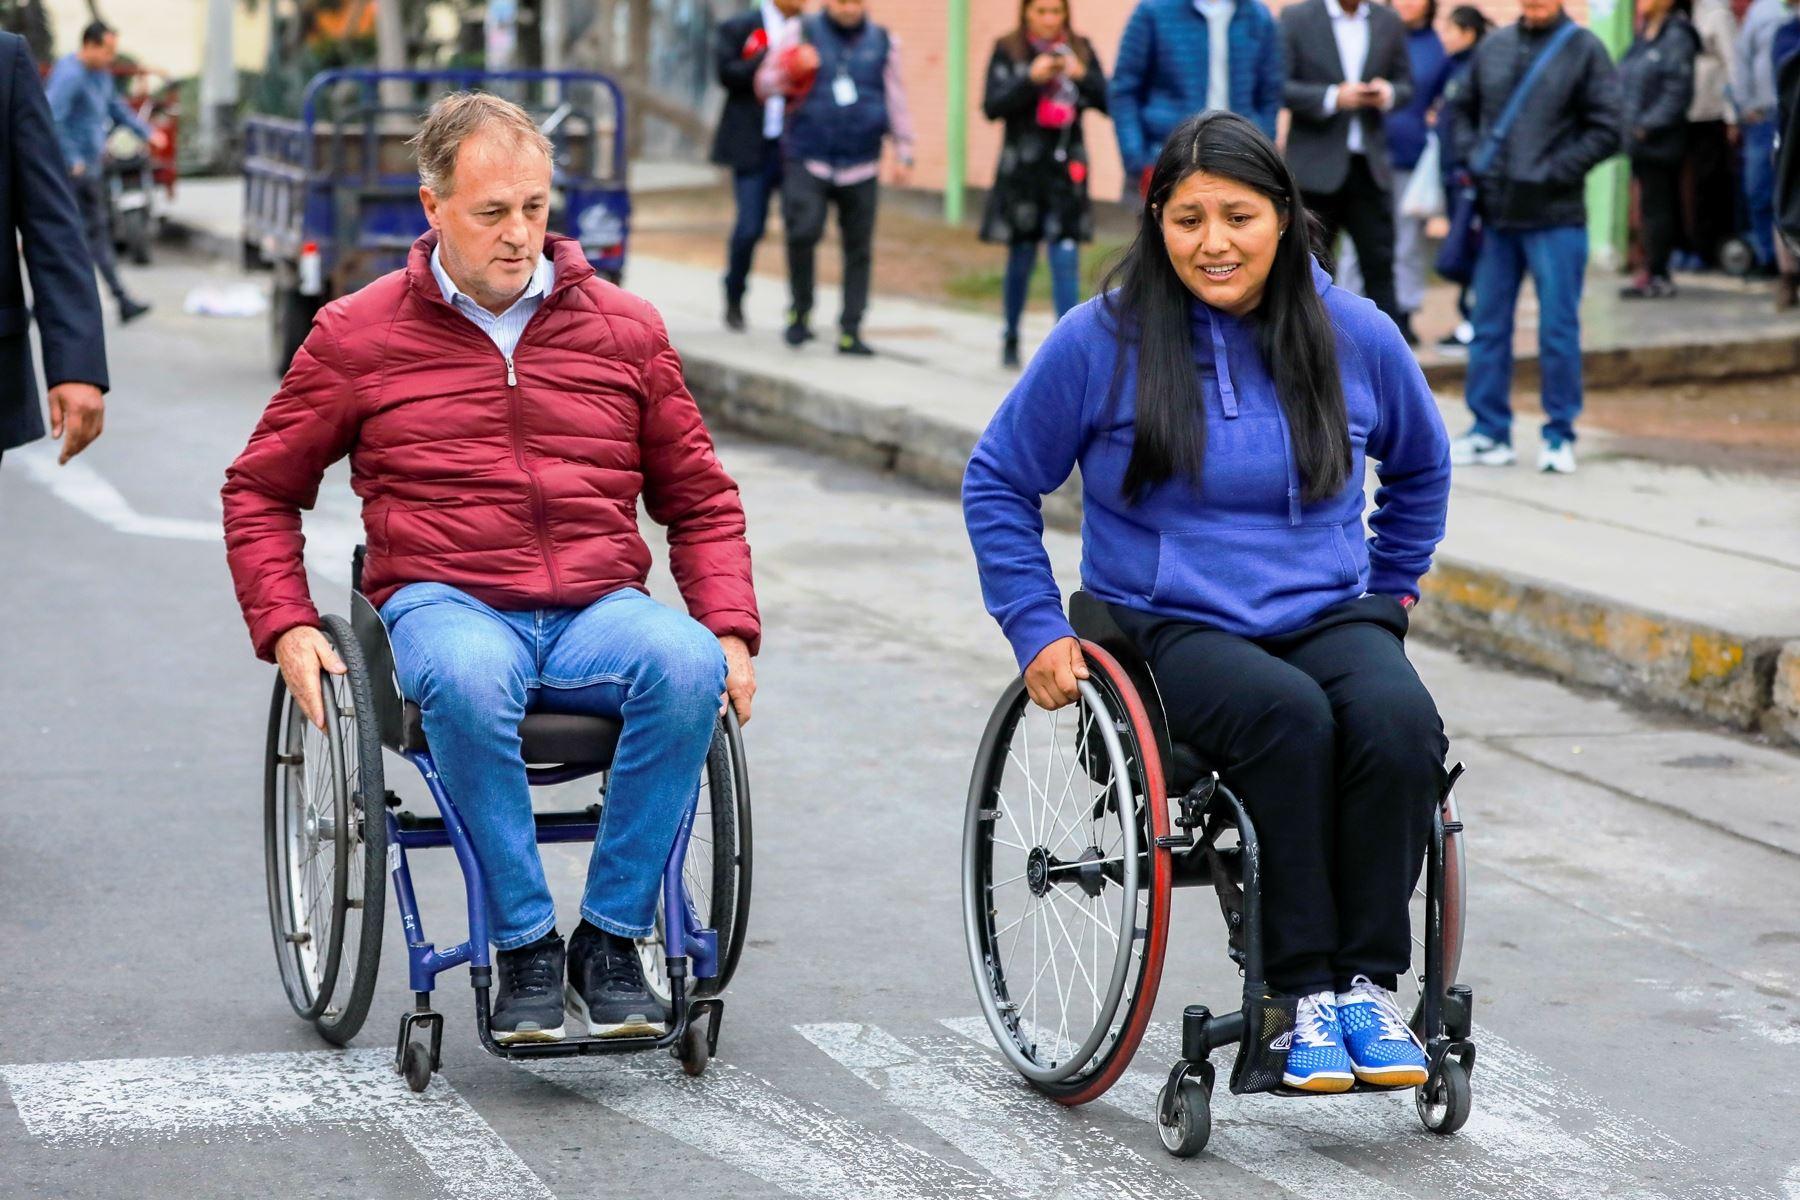 El alcalde de Lima, Jorge Muñoz, junto a la paraatleta Pilar Jáuregui, en campaña para mejorar infraestructura a favor de las personas con discapacidad. Foto: ANDINA/Difusión.